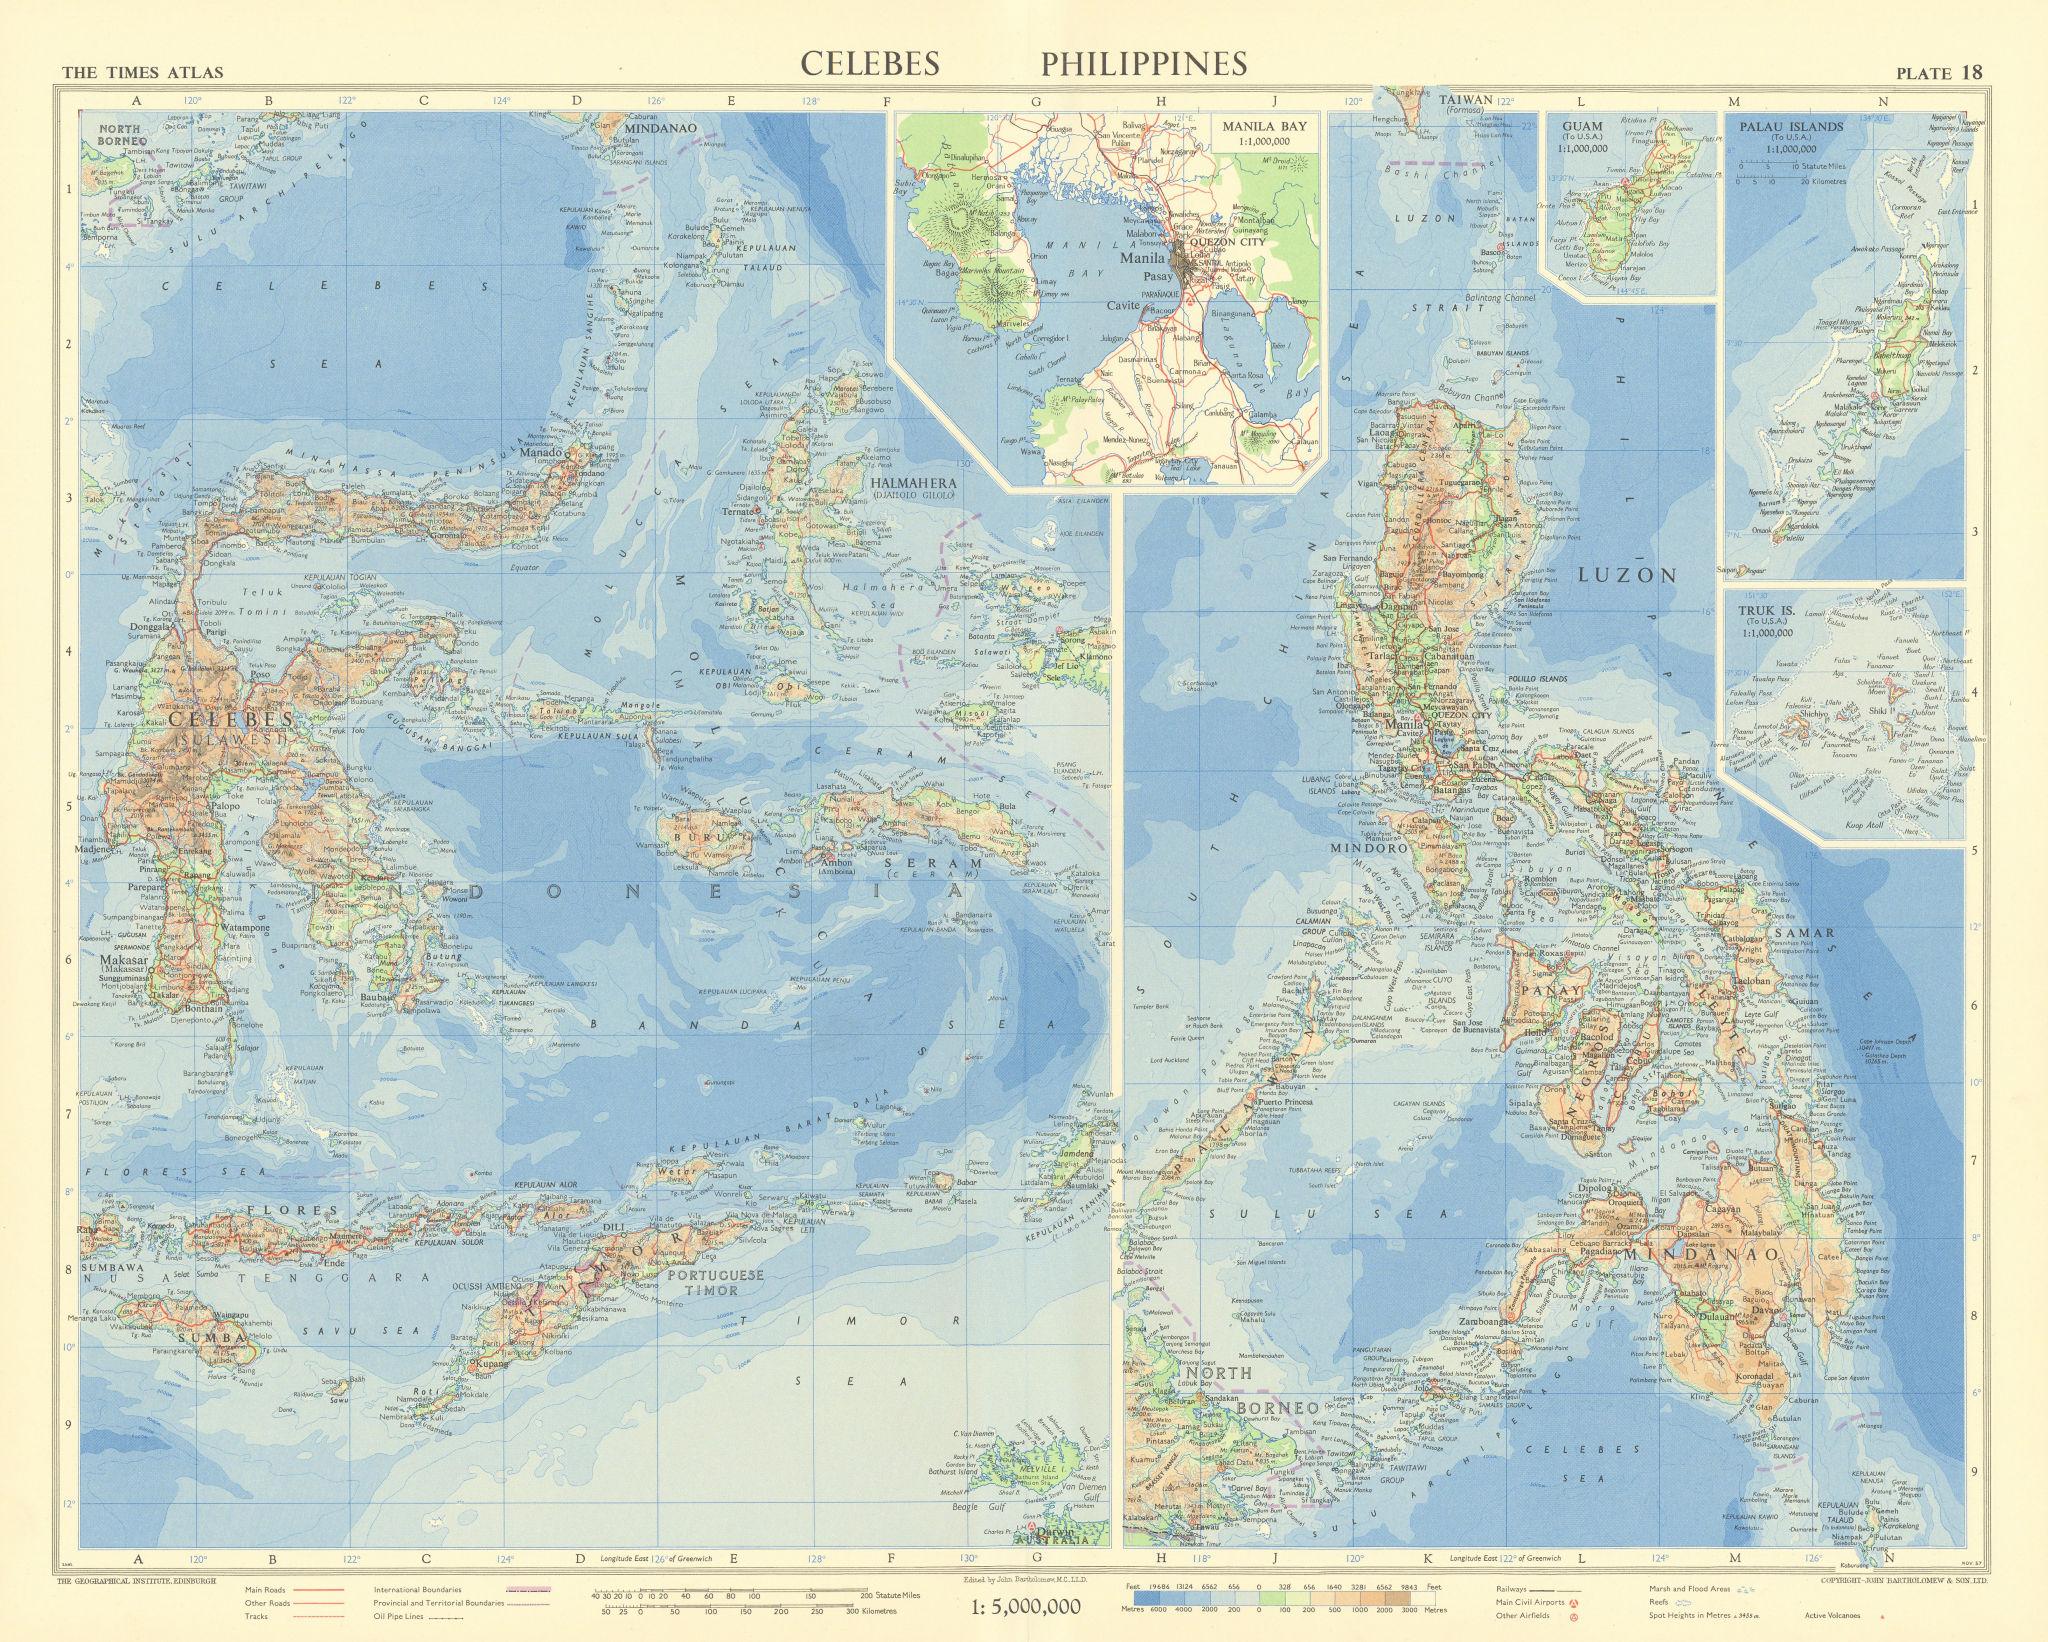 Celebes Sulawesi Moluccas Philippines Manila Guam Palau Truk. TIMES 1958 map